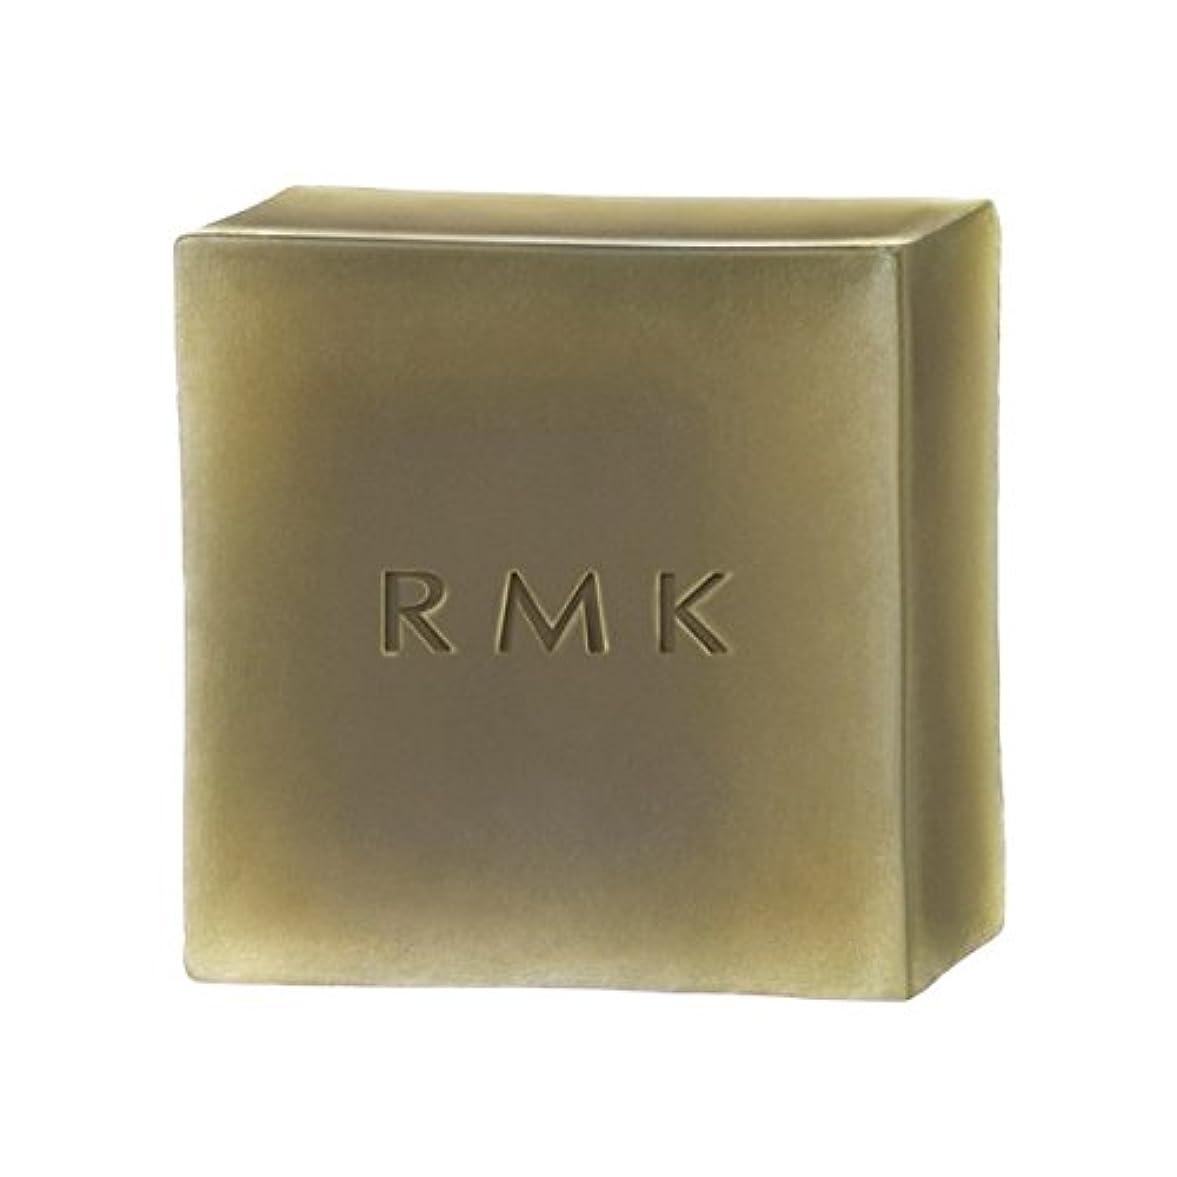 急速な日付付き知性RMK(アールエムケー) スムース ソープバー 130g